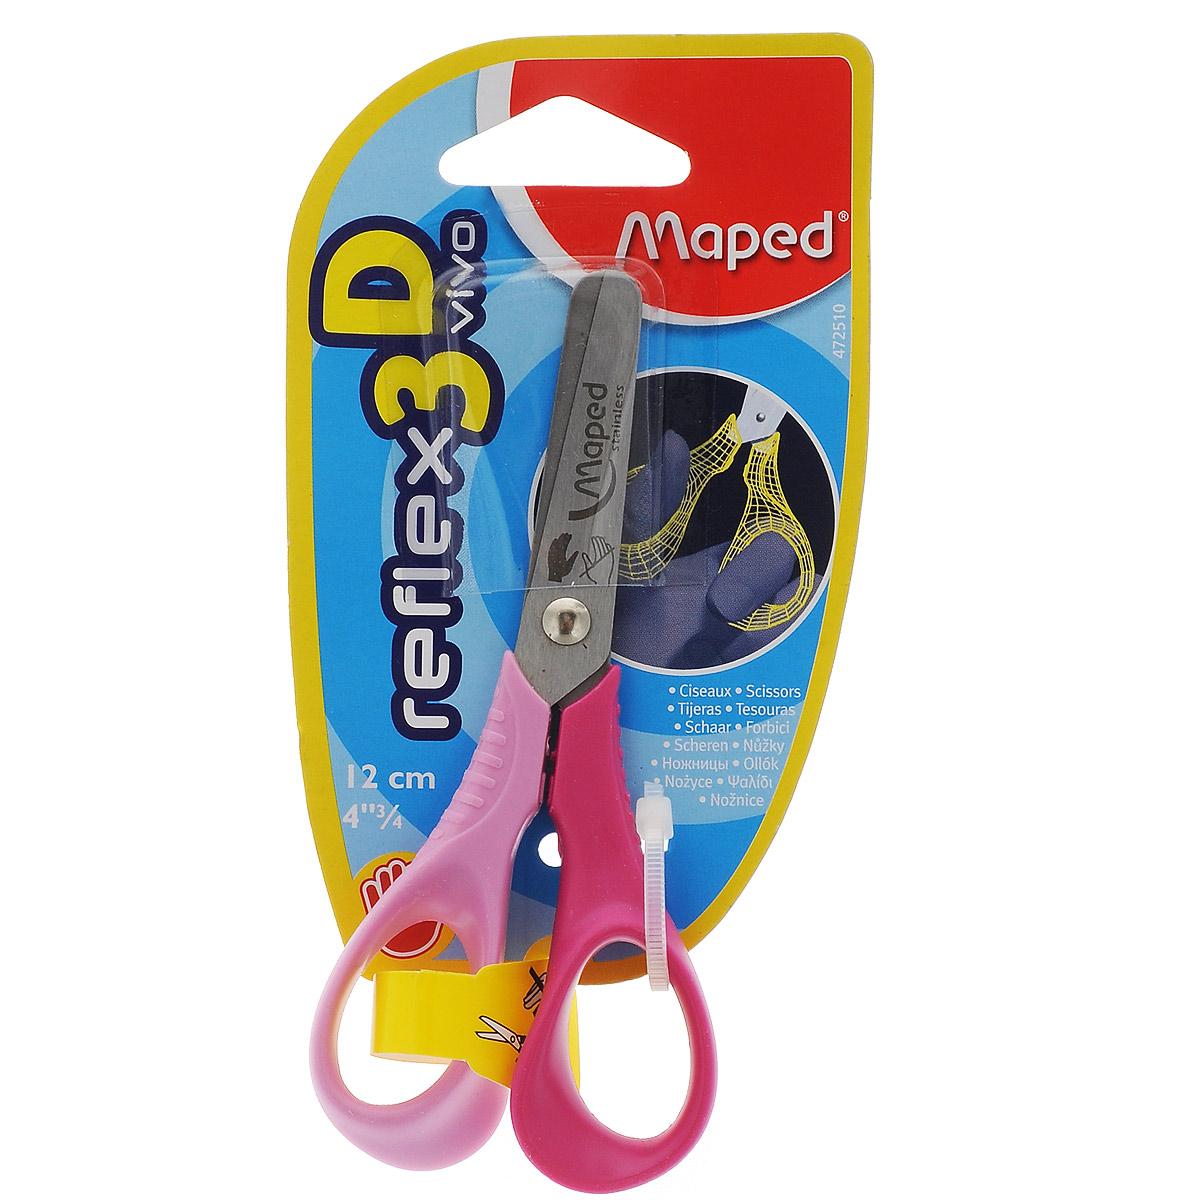 Ножницы Maped Vivo, для левшей, 12 см, цвет: розовый, малиновый472510_розовый, малиновыйНожницы Maped Vivo полностью адаптированы специально для левшей. Идеальны для обучения детей обращению с ножницами: тупые концы, небольшой размер. Ножницы оснащены эргономичными кольцами для лучшего обхвата специально для детских рук.Рекомендовано детям старше пяти лет.